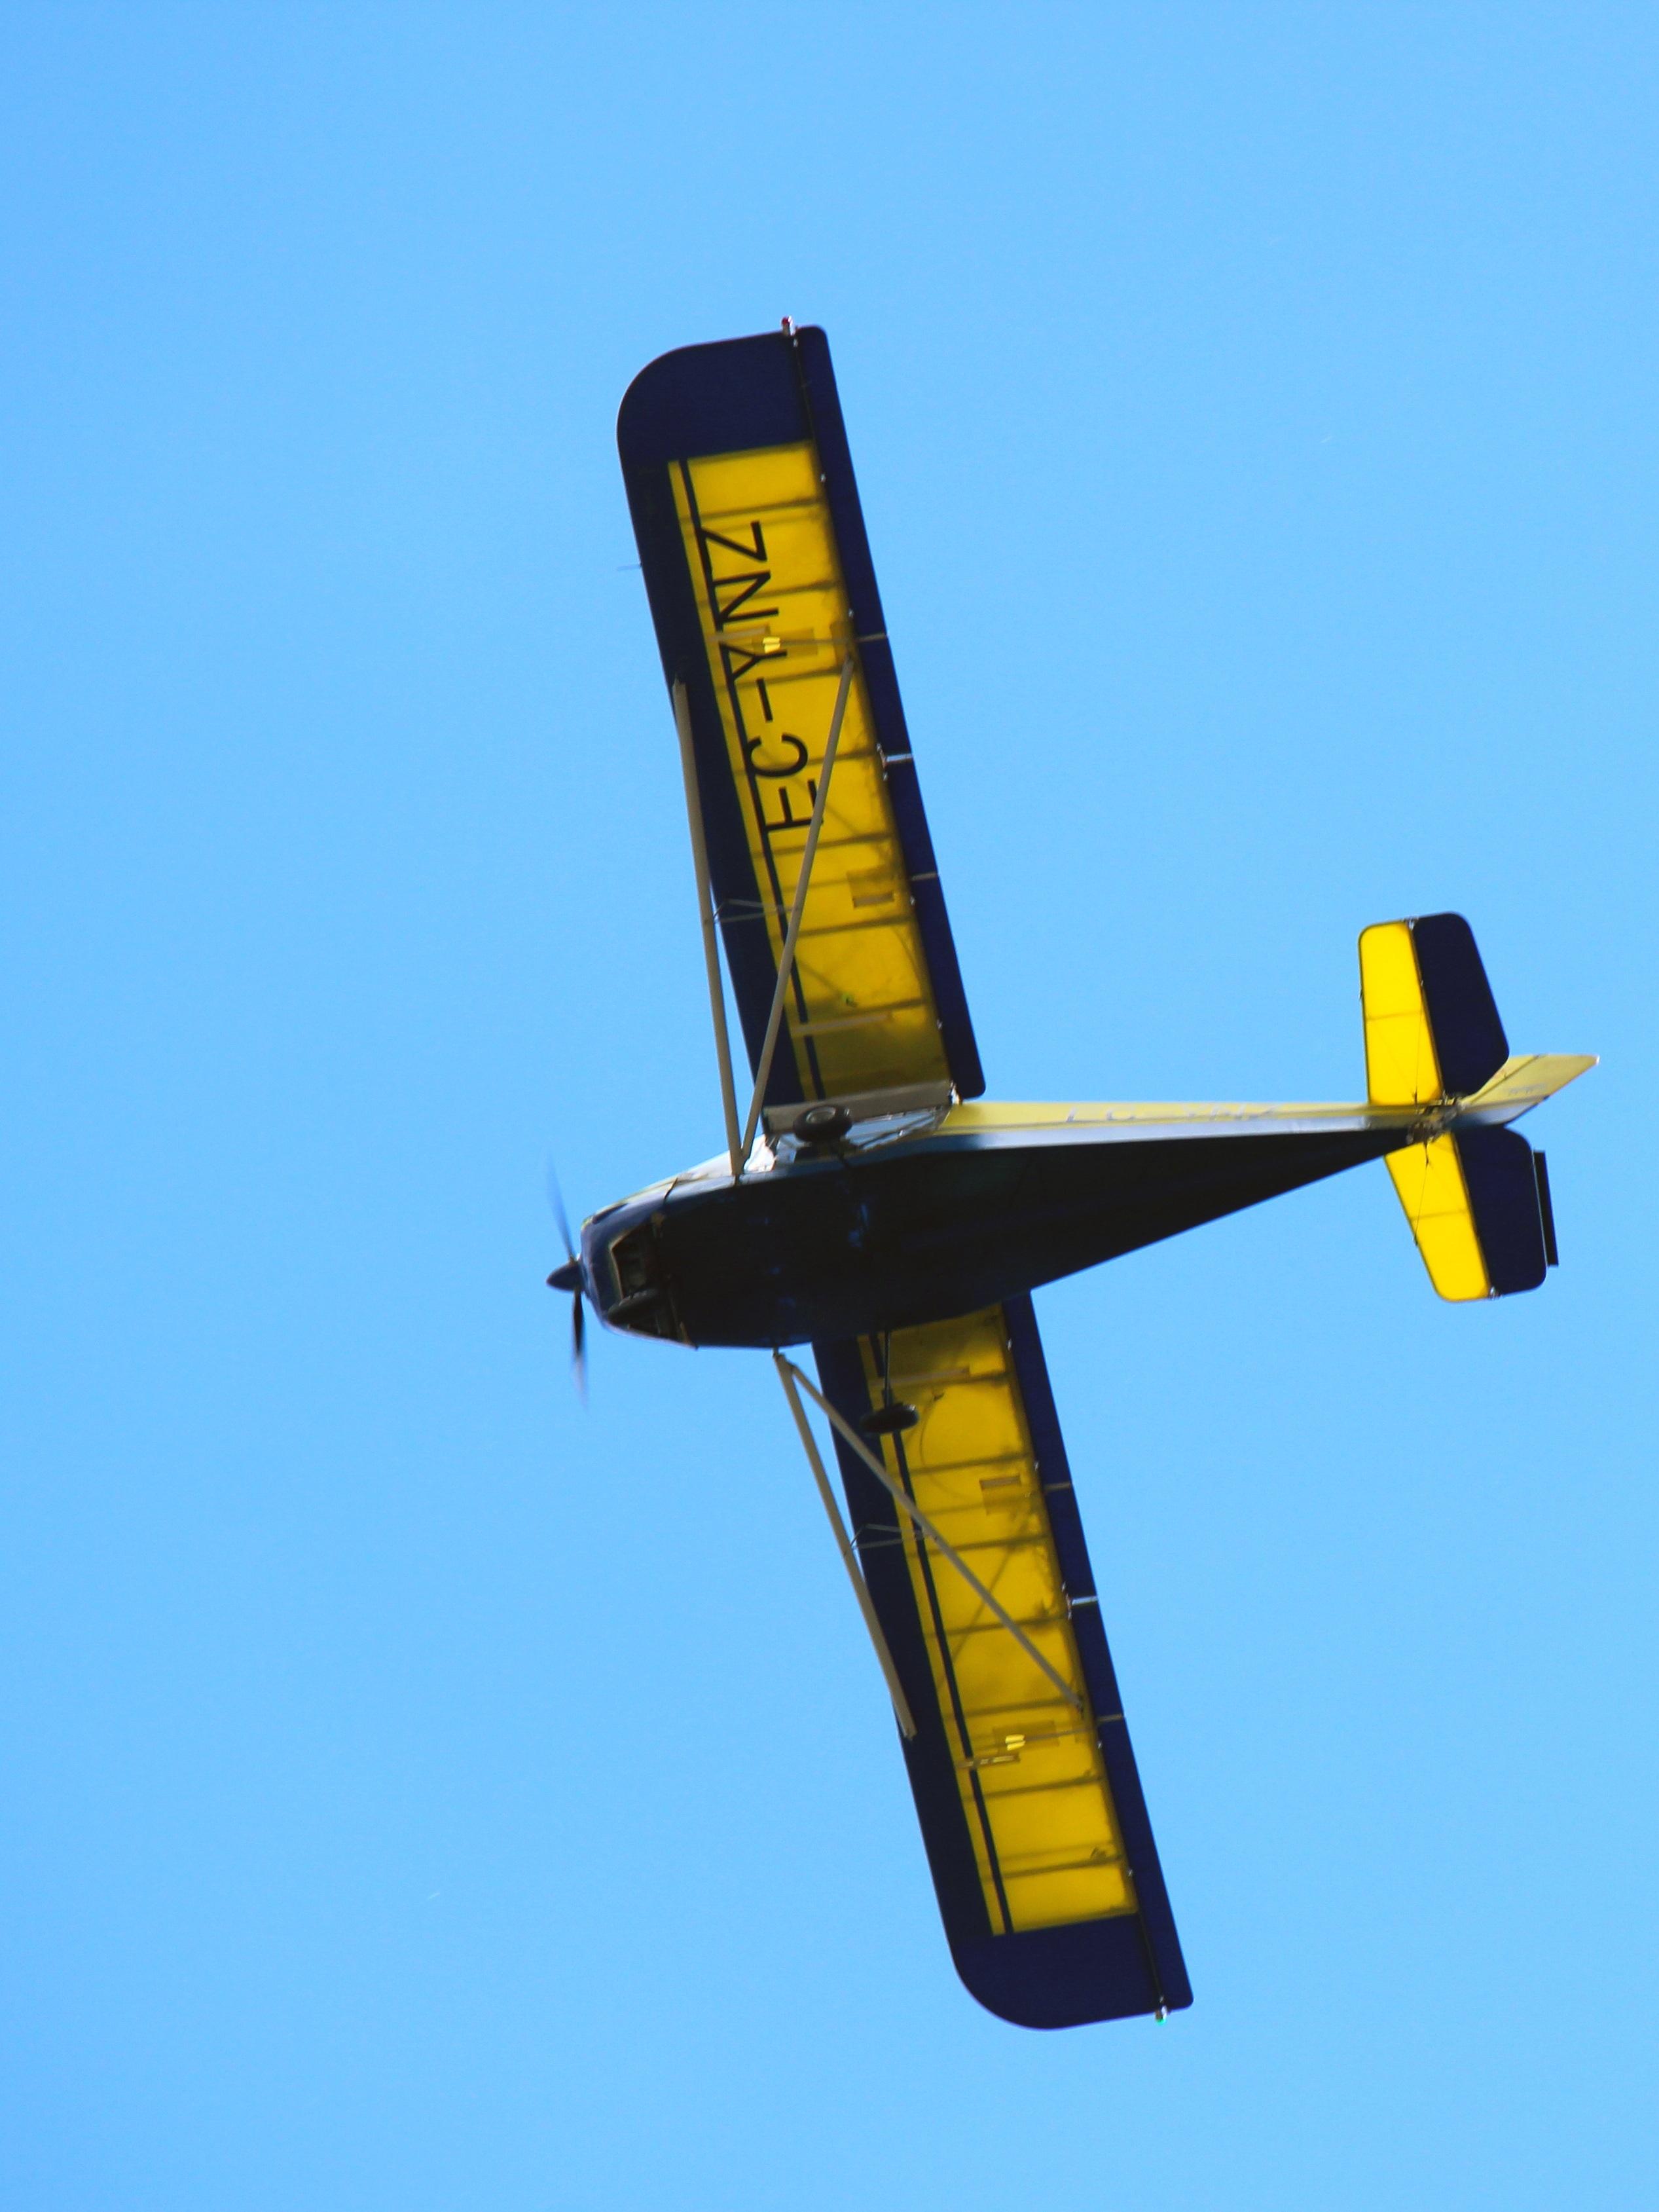 Gambar Sayap Langit Pesawat Terbang Kendaraan Perusahaan 04 Remote Kontrol Penerbangan Kuning Awan Pertunjukan Udara Ringan Aerobatik Model